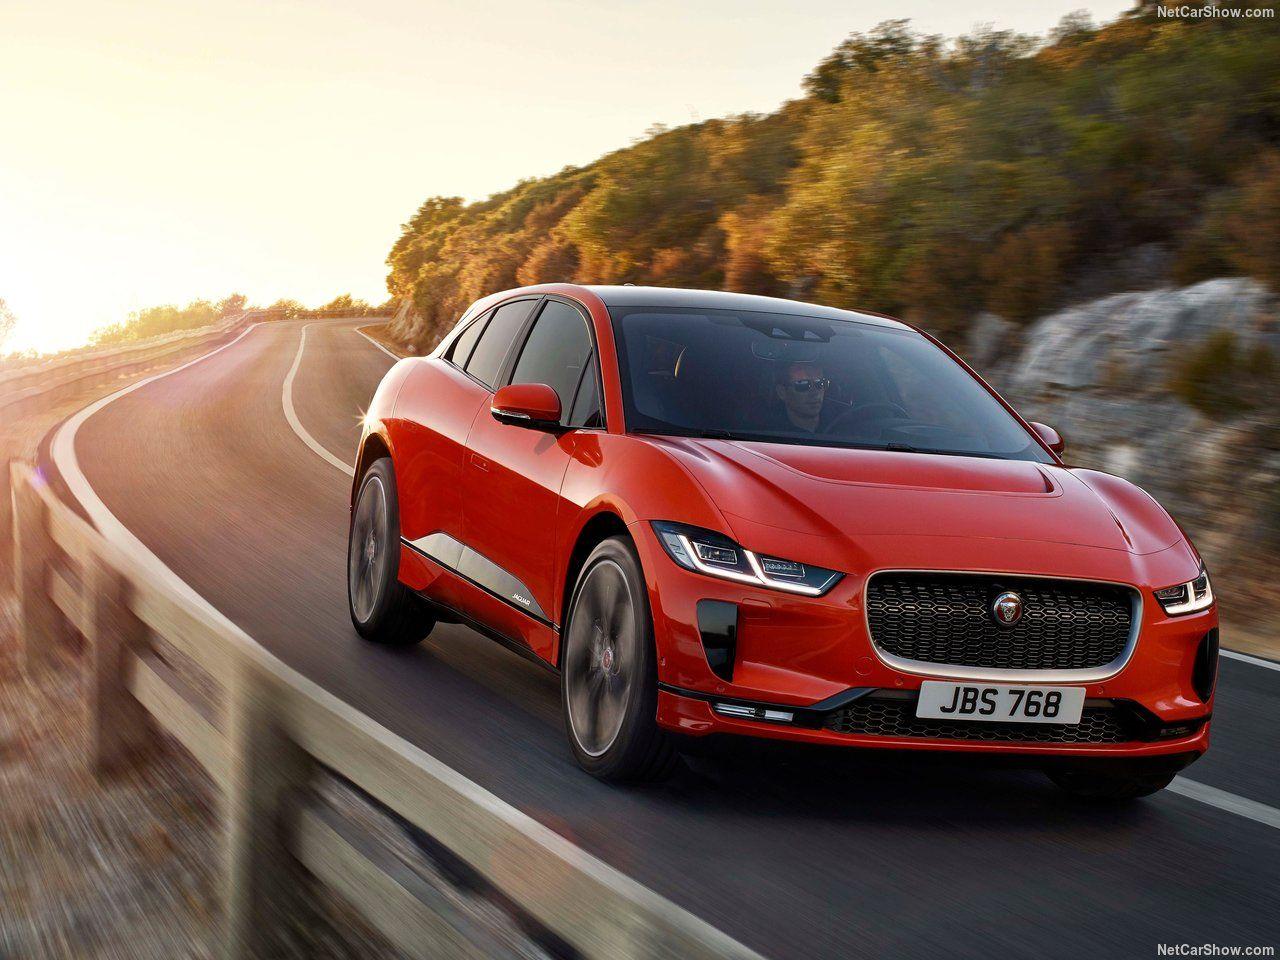 Jaguar-I-Pace carro elétrico na estrada